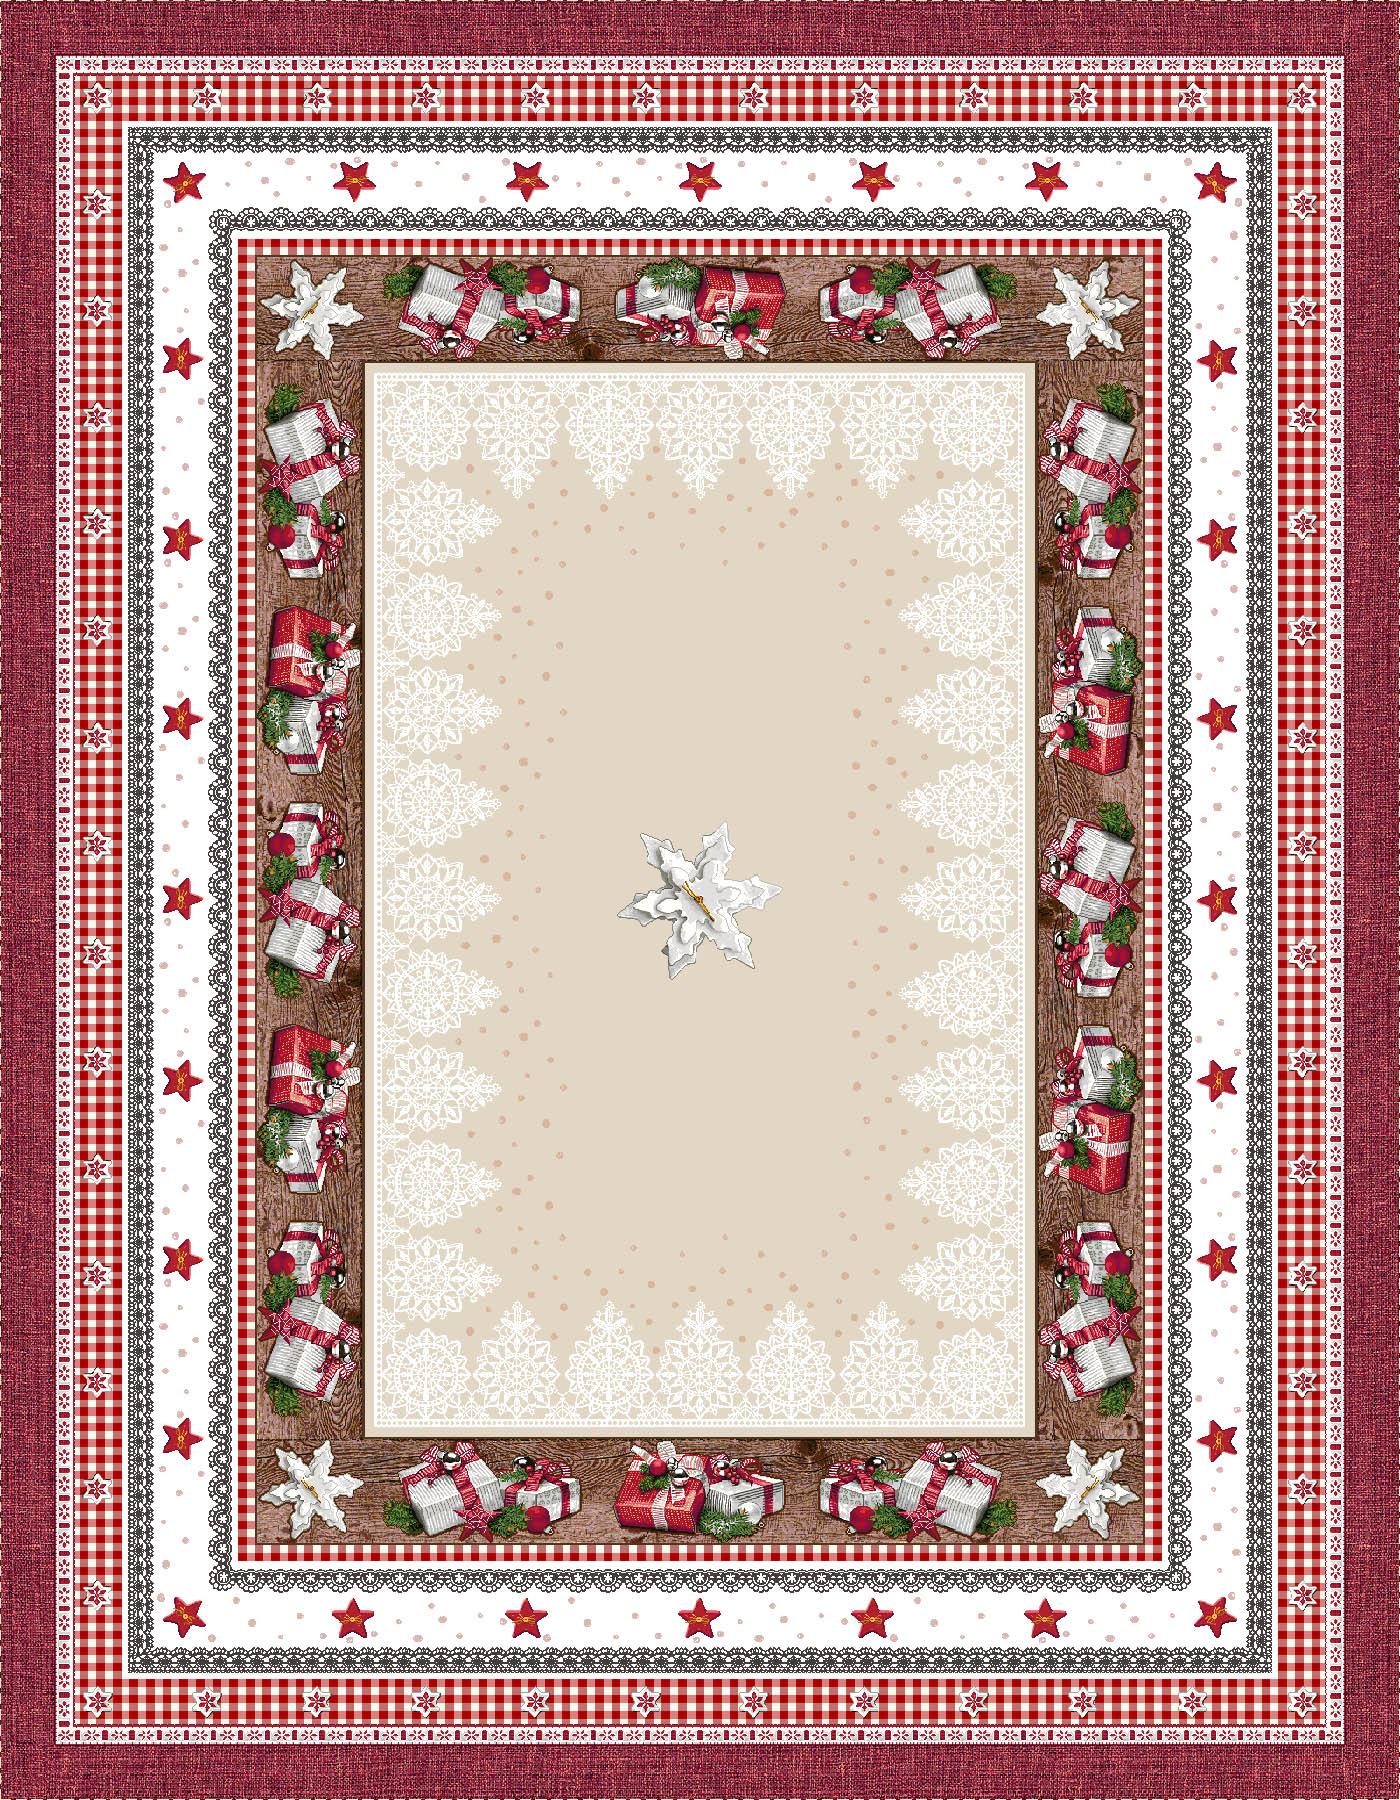 Χριστουγεννιάτικο Τραπεζομάντηλο 140x180 Cosmin Andrea Lurex